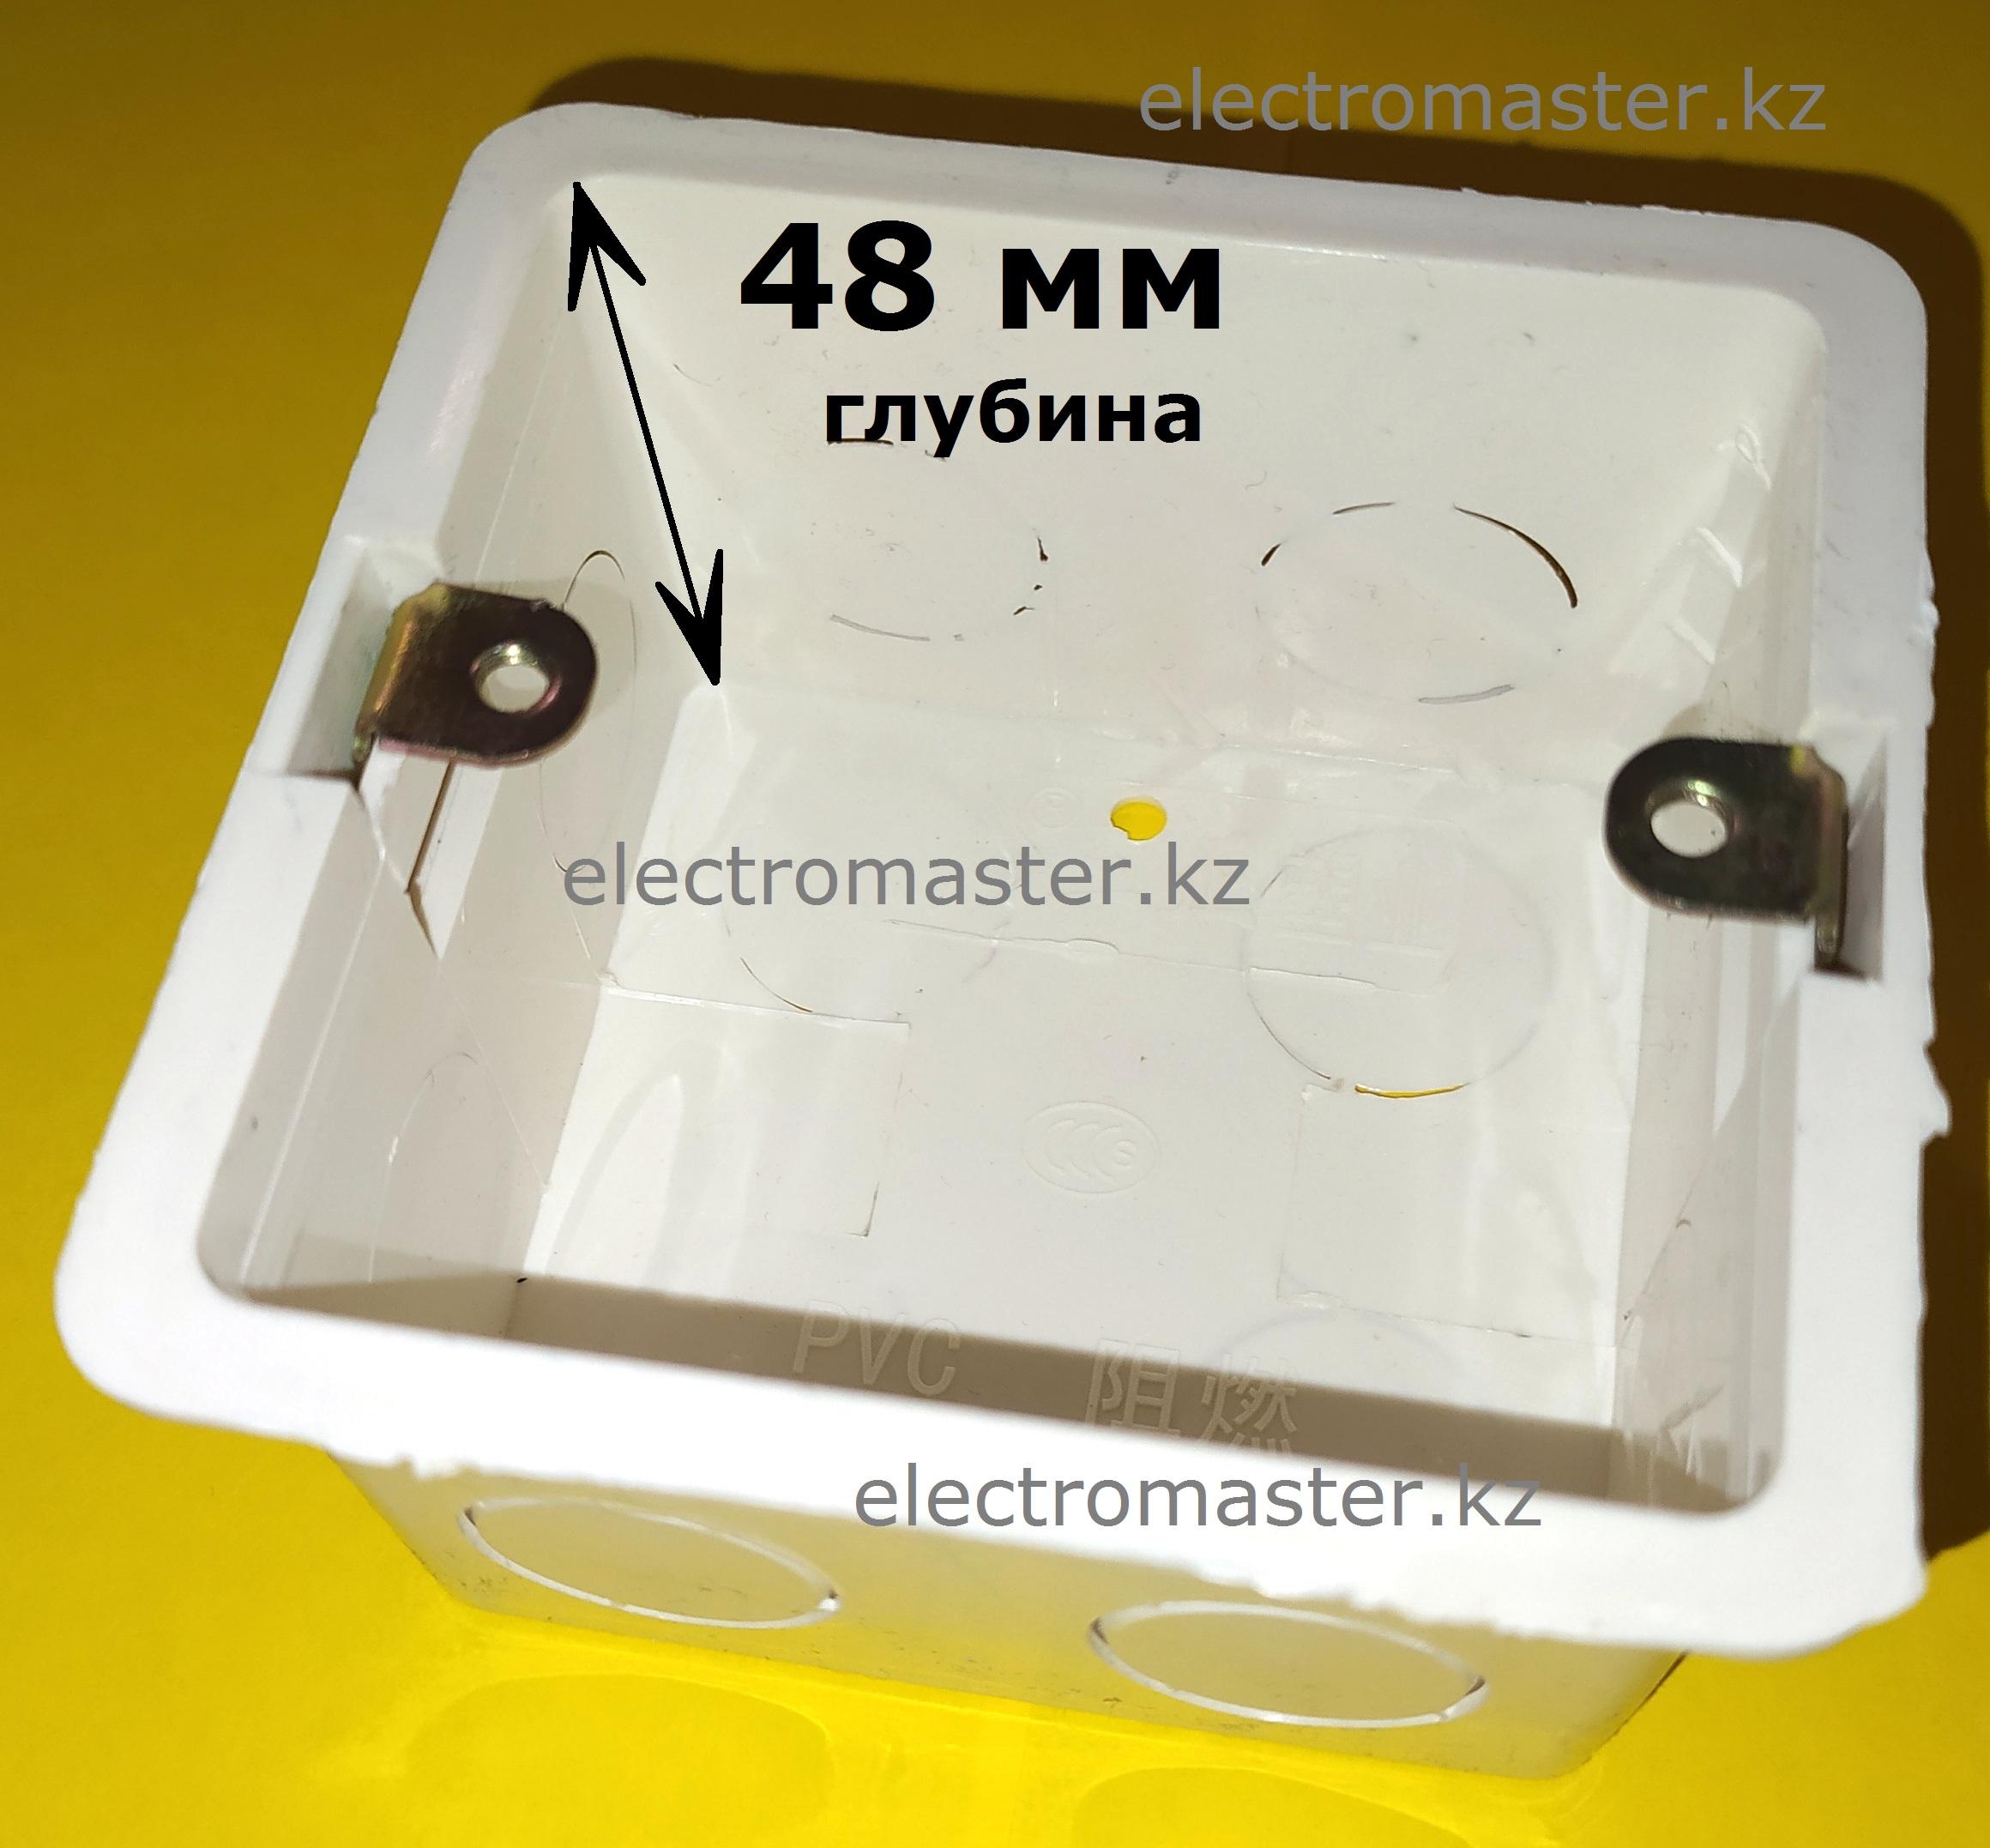 Глубина квадратного подрозетника, стандарта 86х86 - 48 мм, позволяет разместить в нем любое электротехническое изделие